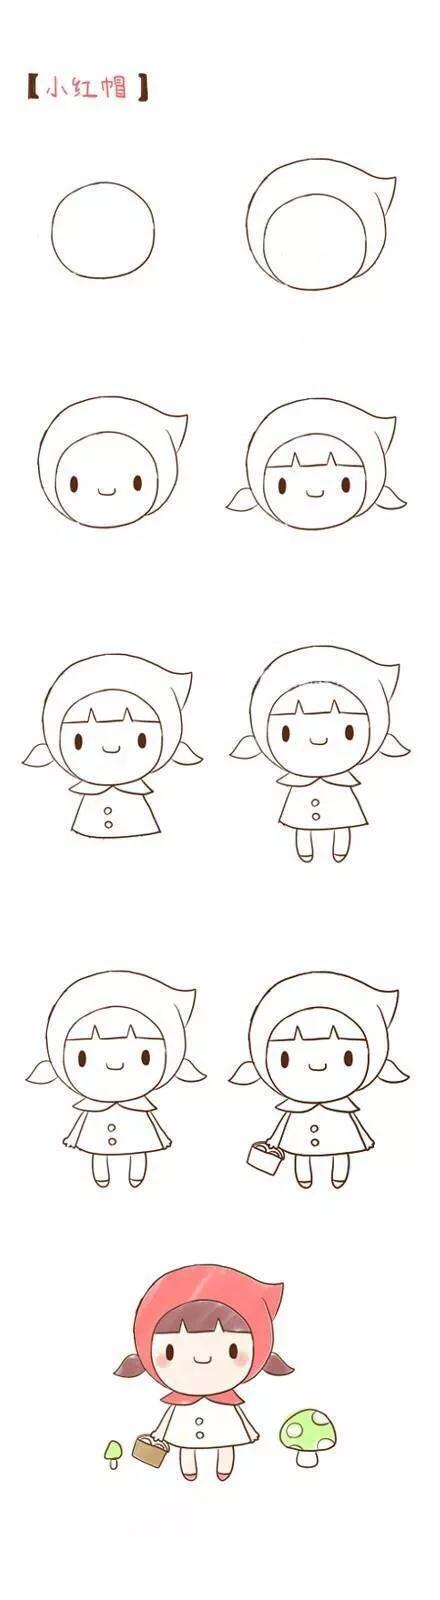 卡通人物简笔画男孩